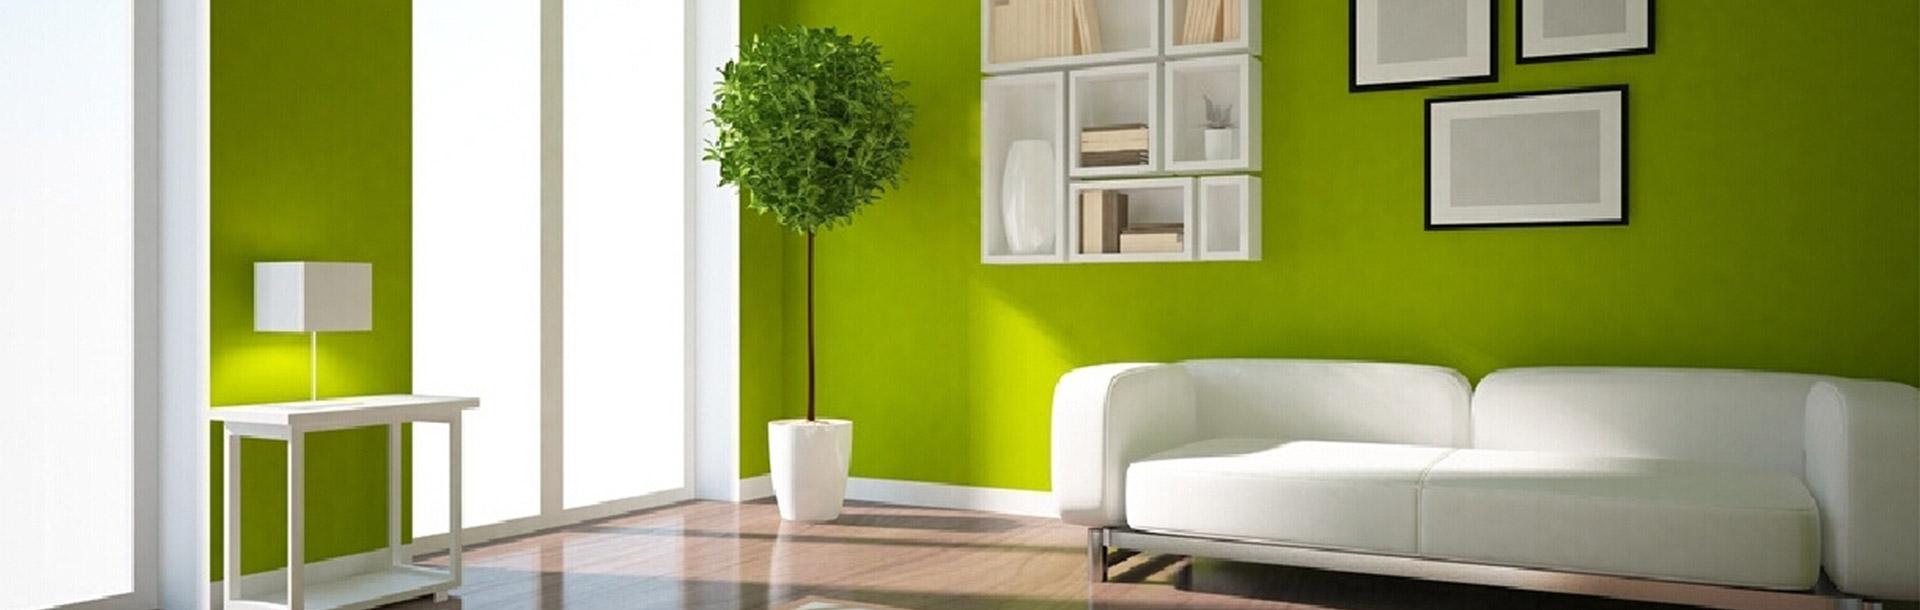 مقاله درباره رنگ در طراحی داخلی